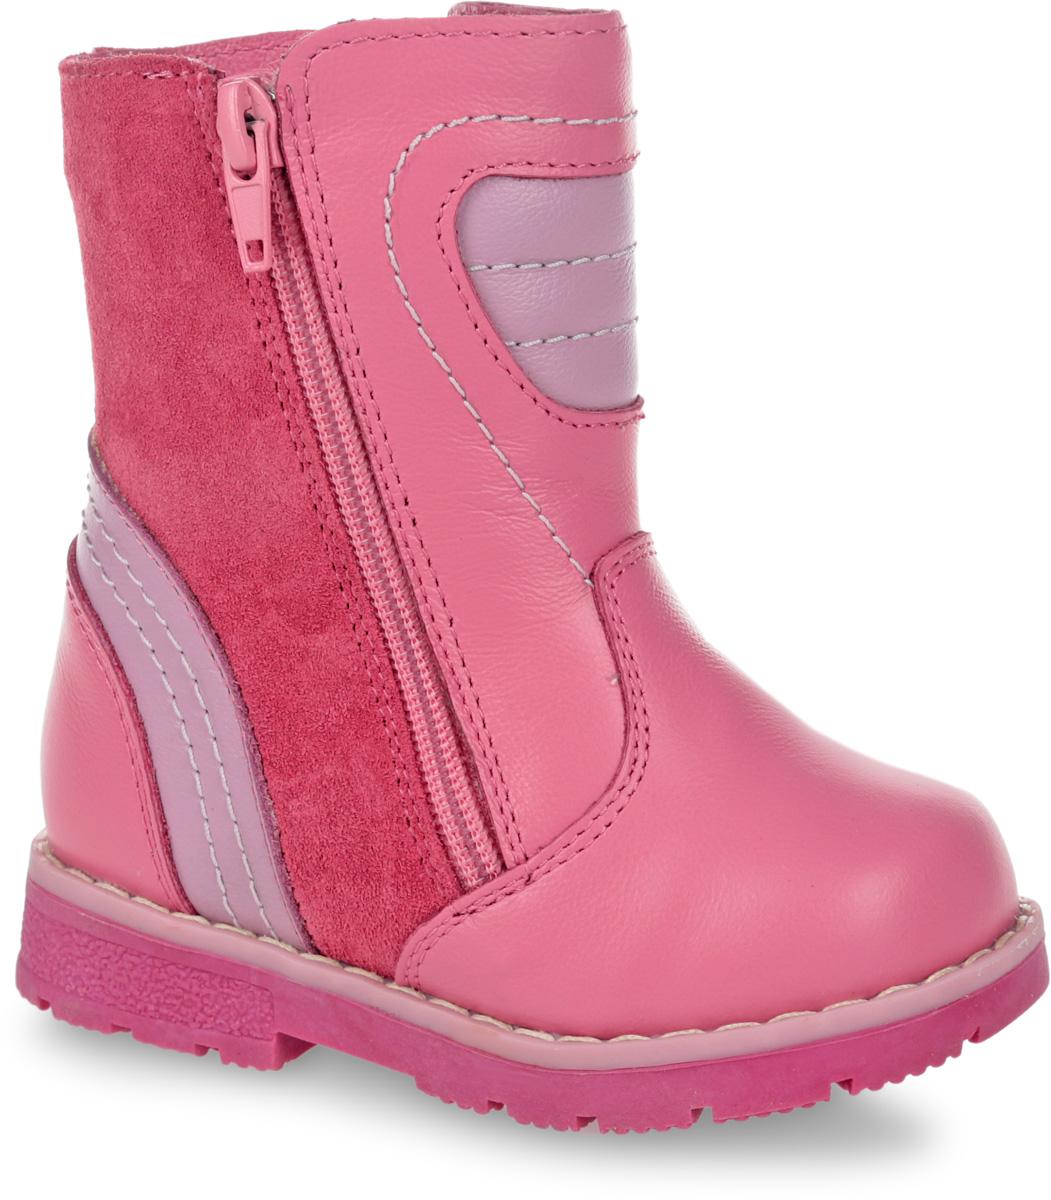 Полусапоги для девочки Зебра, цвет: розовый. 11189-9. Размер 2211189-9Полусапоги от Зебра выполнены из натуральной кожи. Застежка-молния надежно фиксирует изделие на ноге. Мягкая подкладка и стелька из натурального меха обеспечивают тепло, циркуляцию воздуха и сохраняют комфортный микроклимат в обуви. Подошва с рифлением гарантирует идеальное сцепление с любыми поверхностями. Сбоку модель оформлена декоративной молнией.